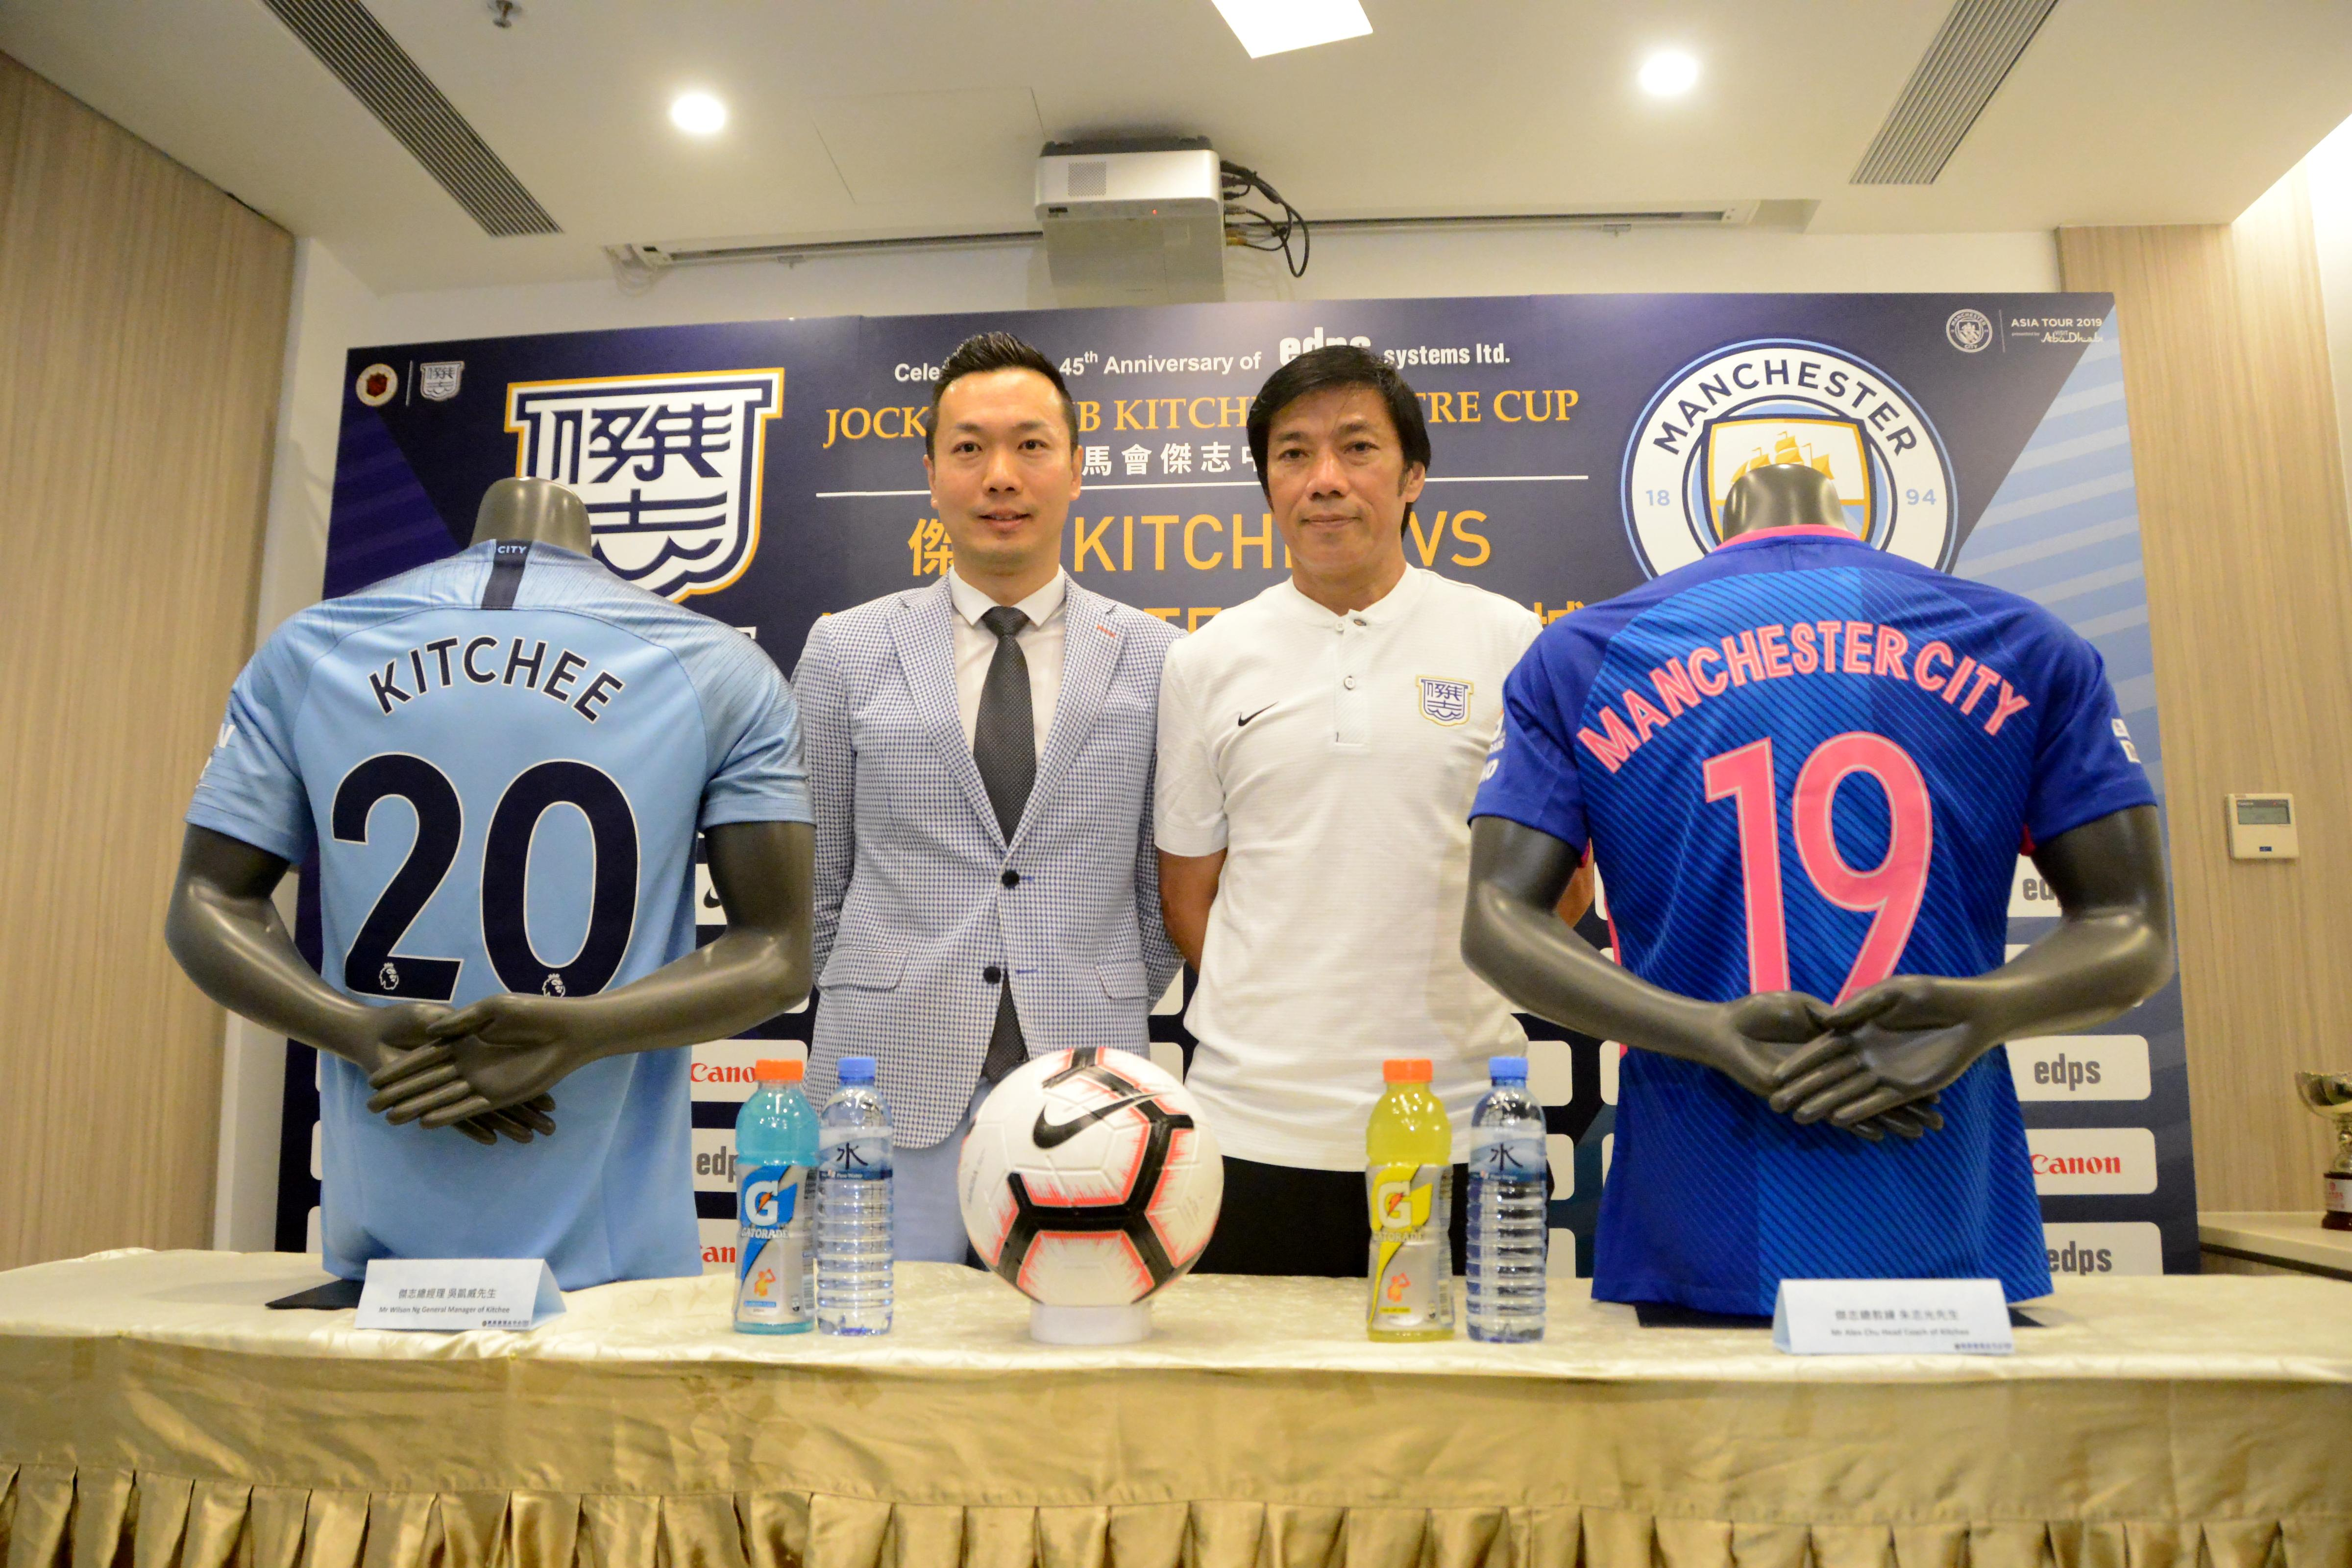 杰志宣布七月廿四日晚上八时在大球场友战曼城。 冯梓健摄